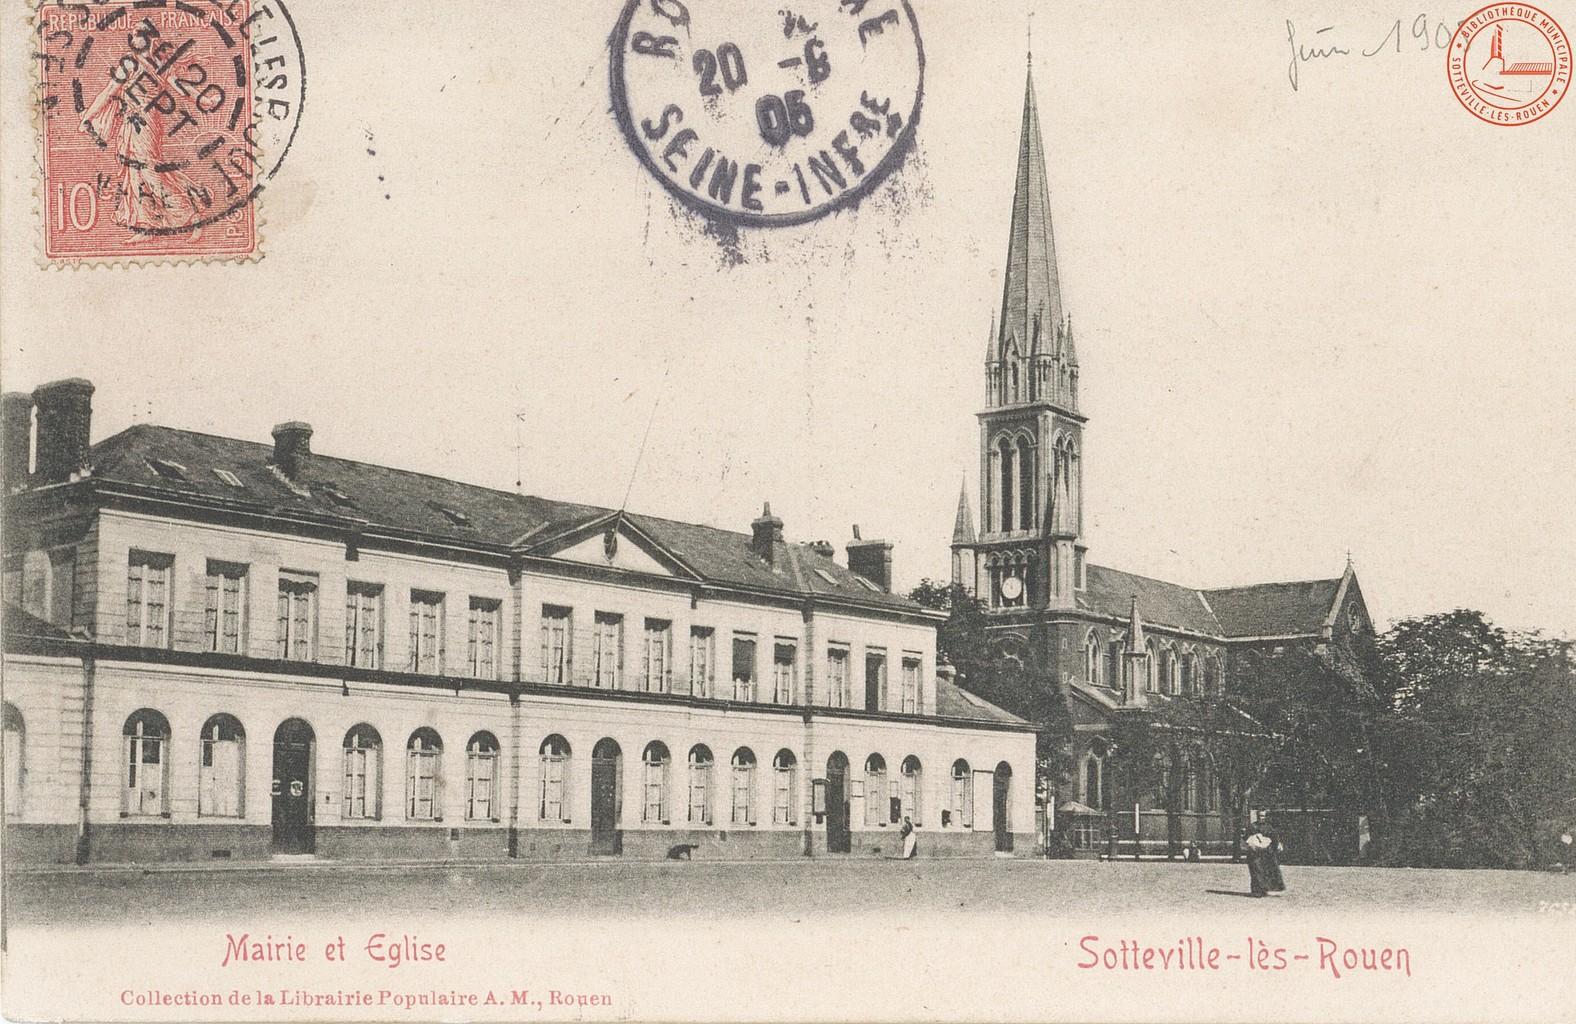 Sotteville-lès-Rouen : Mairie et Eglise |